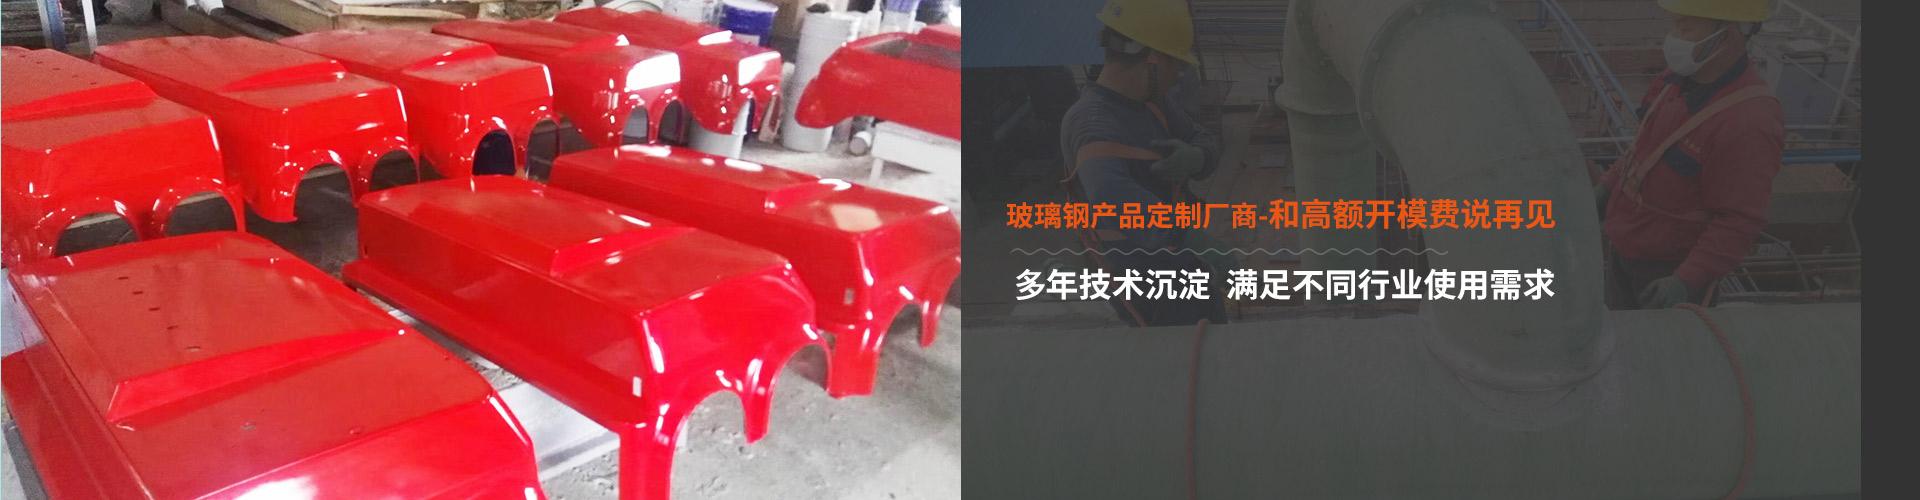 欧升玻璃钢15年技术沉淀,满足不同行业使用需求